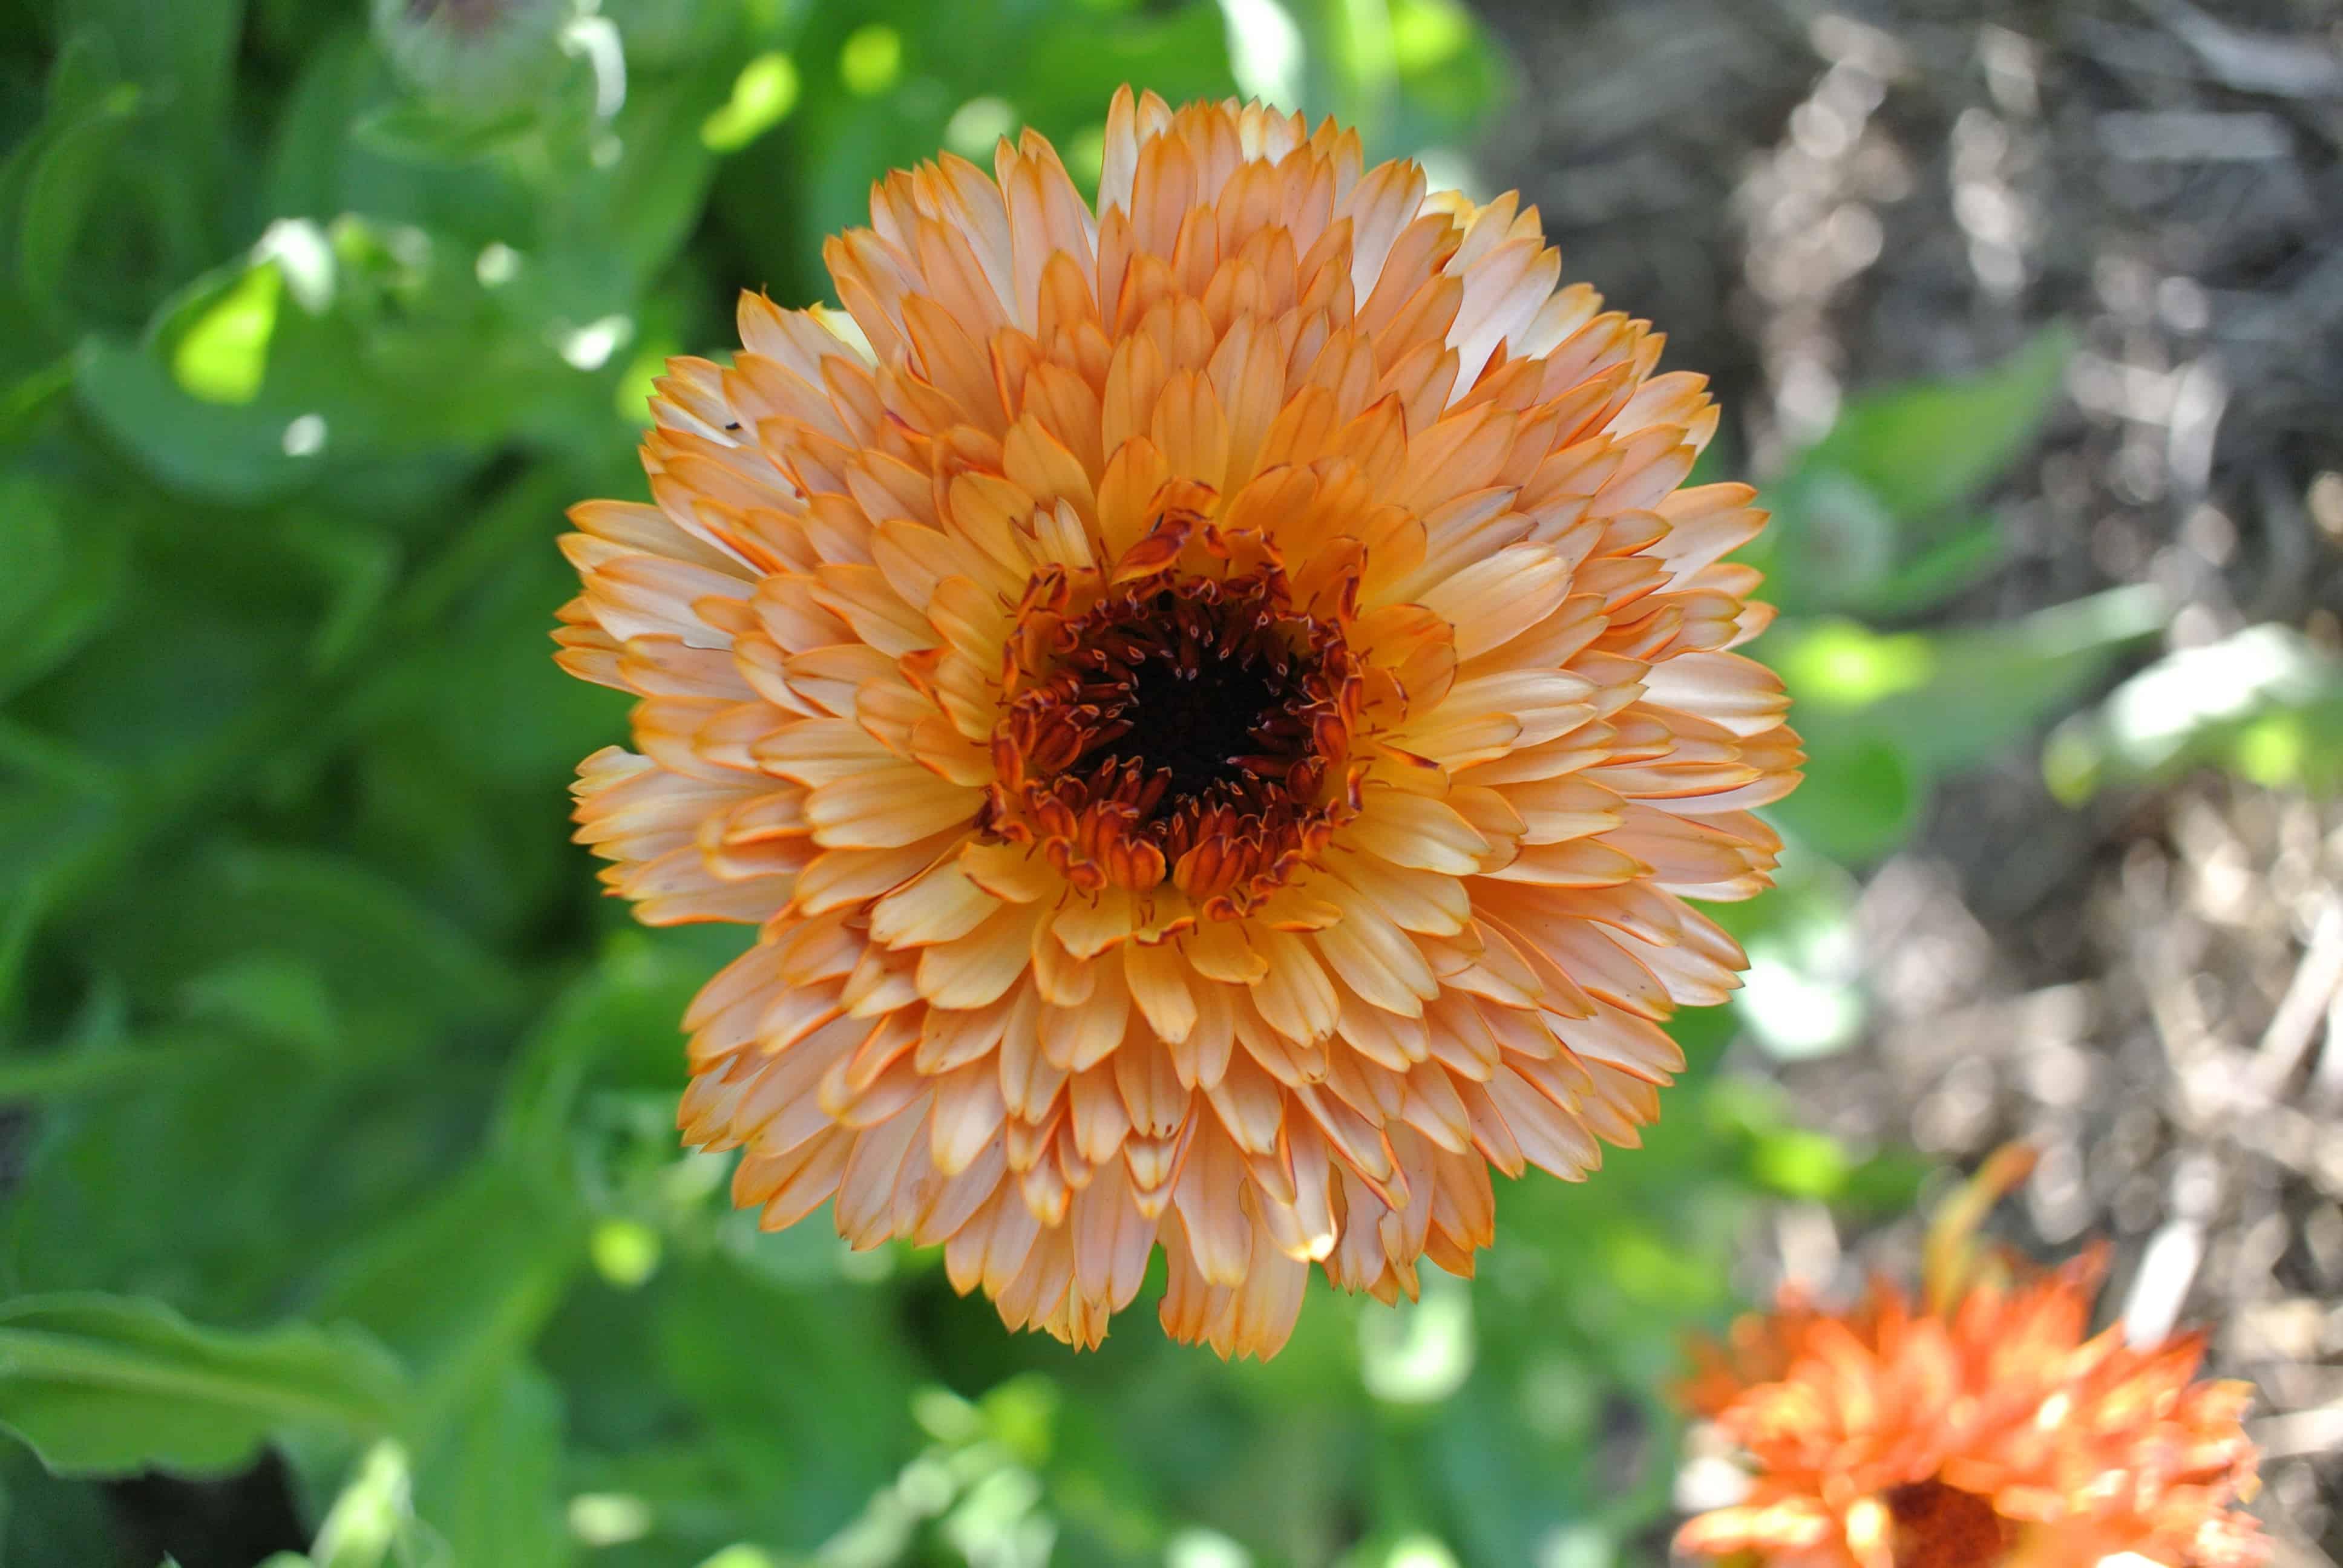 One orange calendula flower in full bloom.